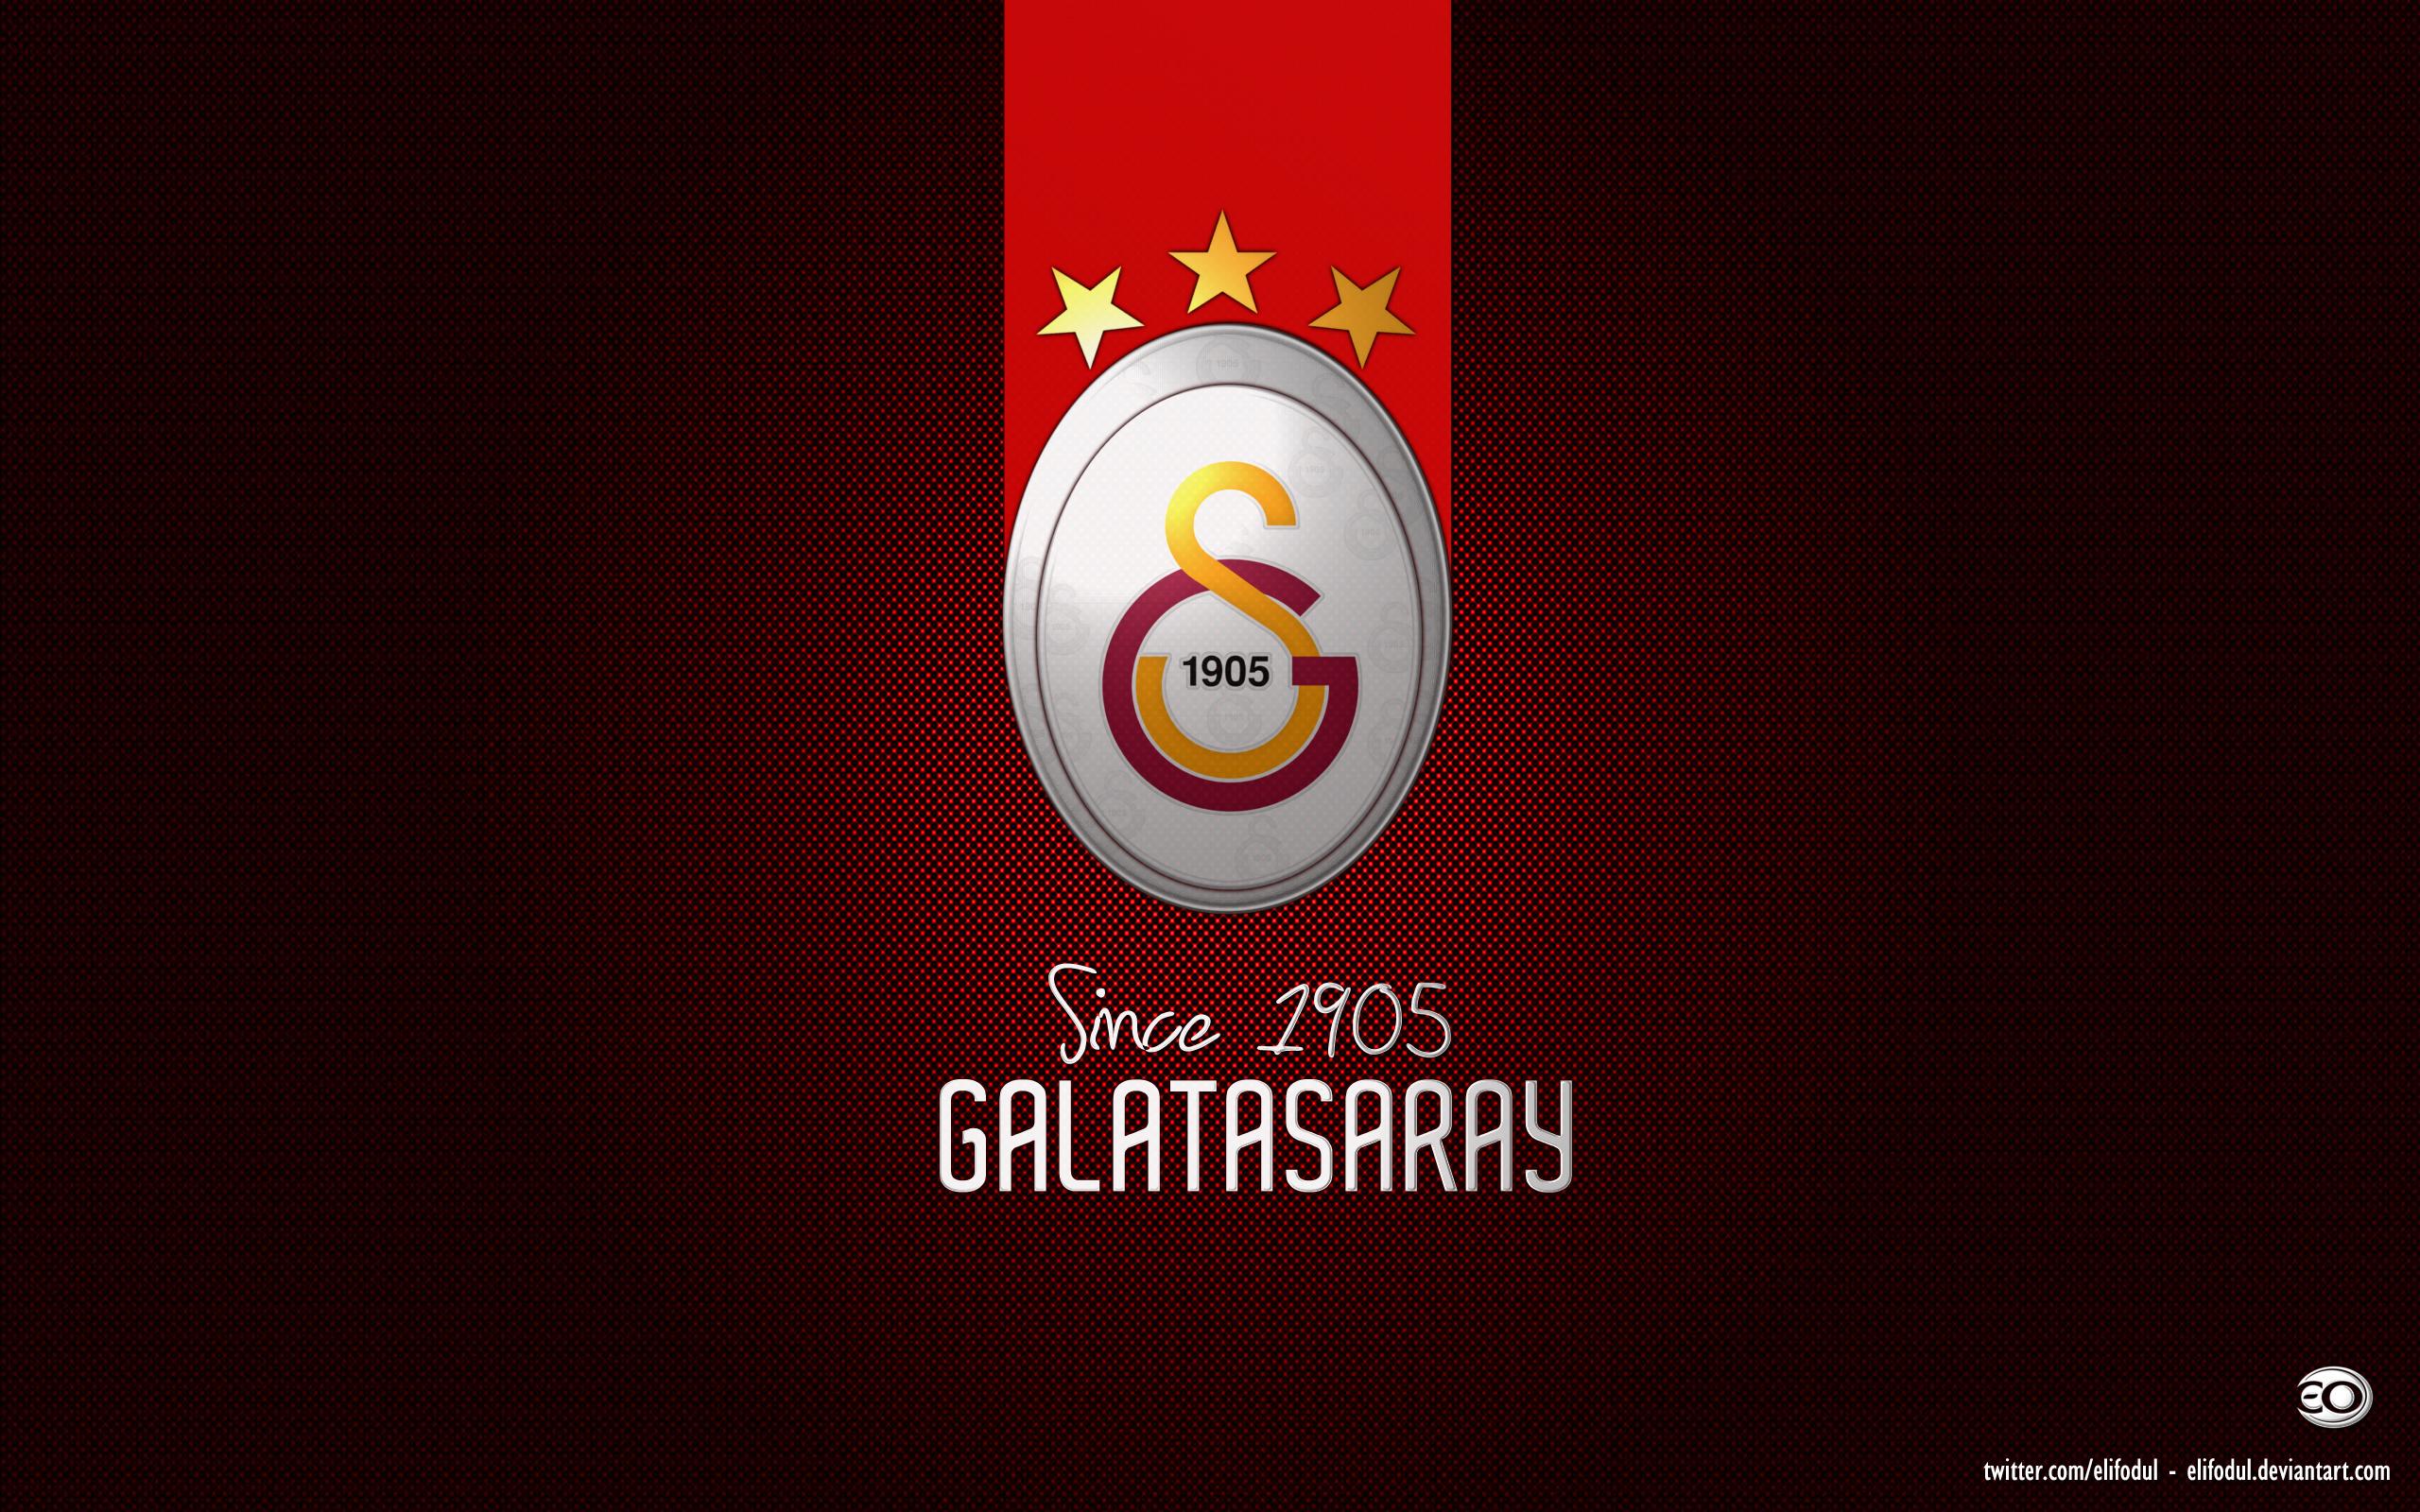 Galatasaray Wallpaper 2013 by elifodul on DeviantArt